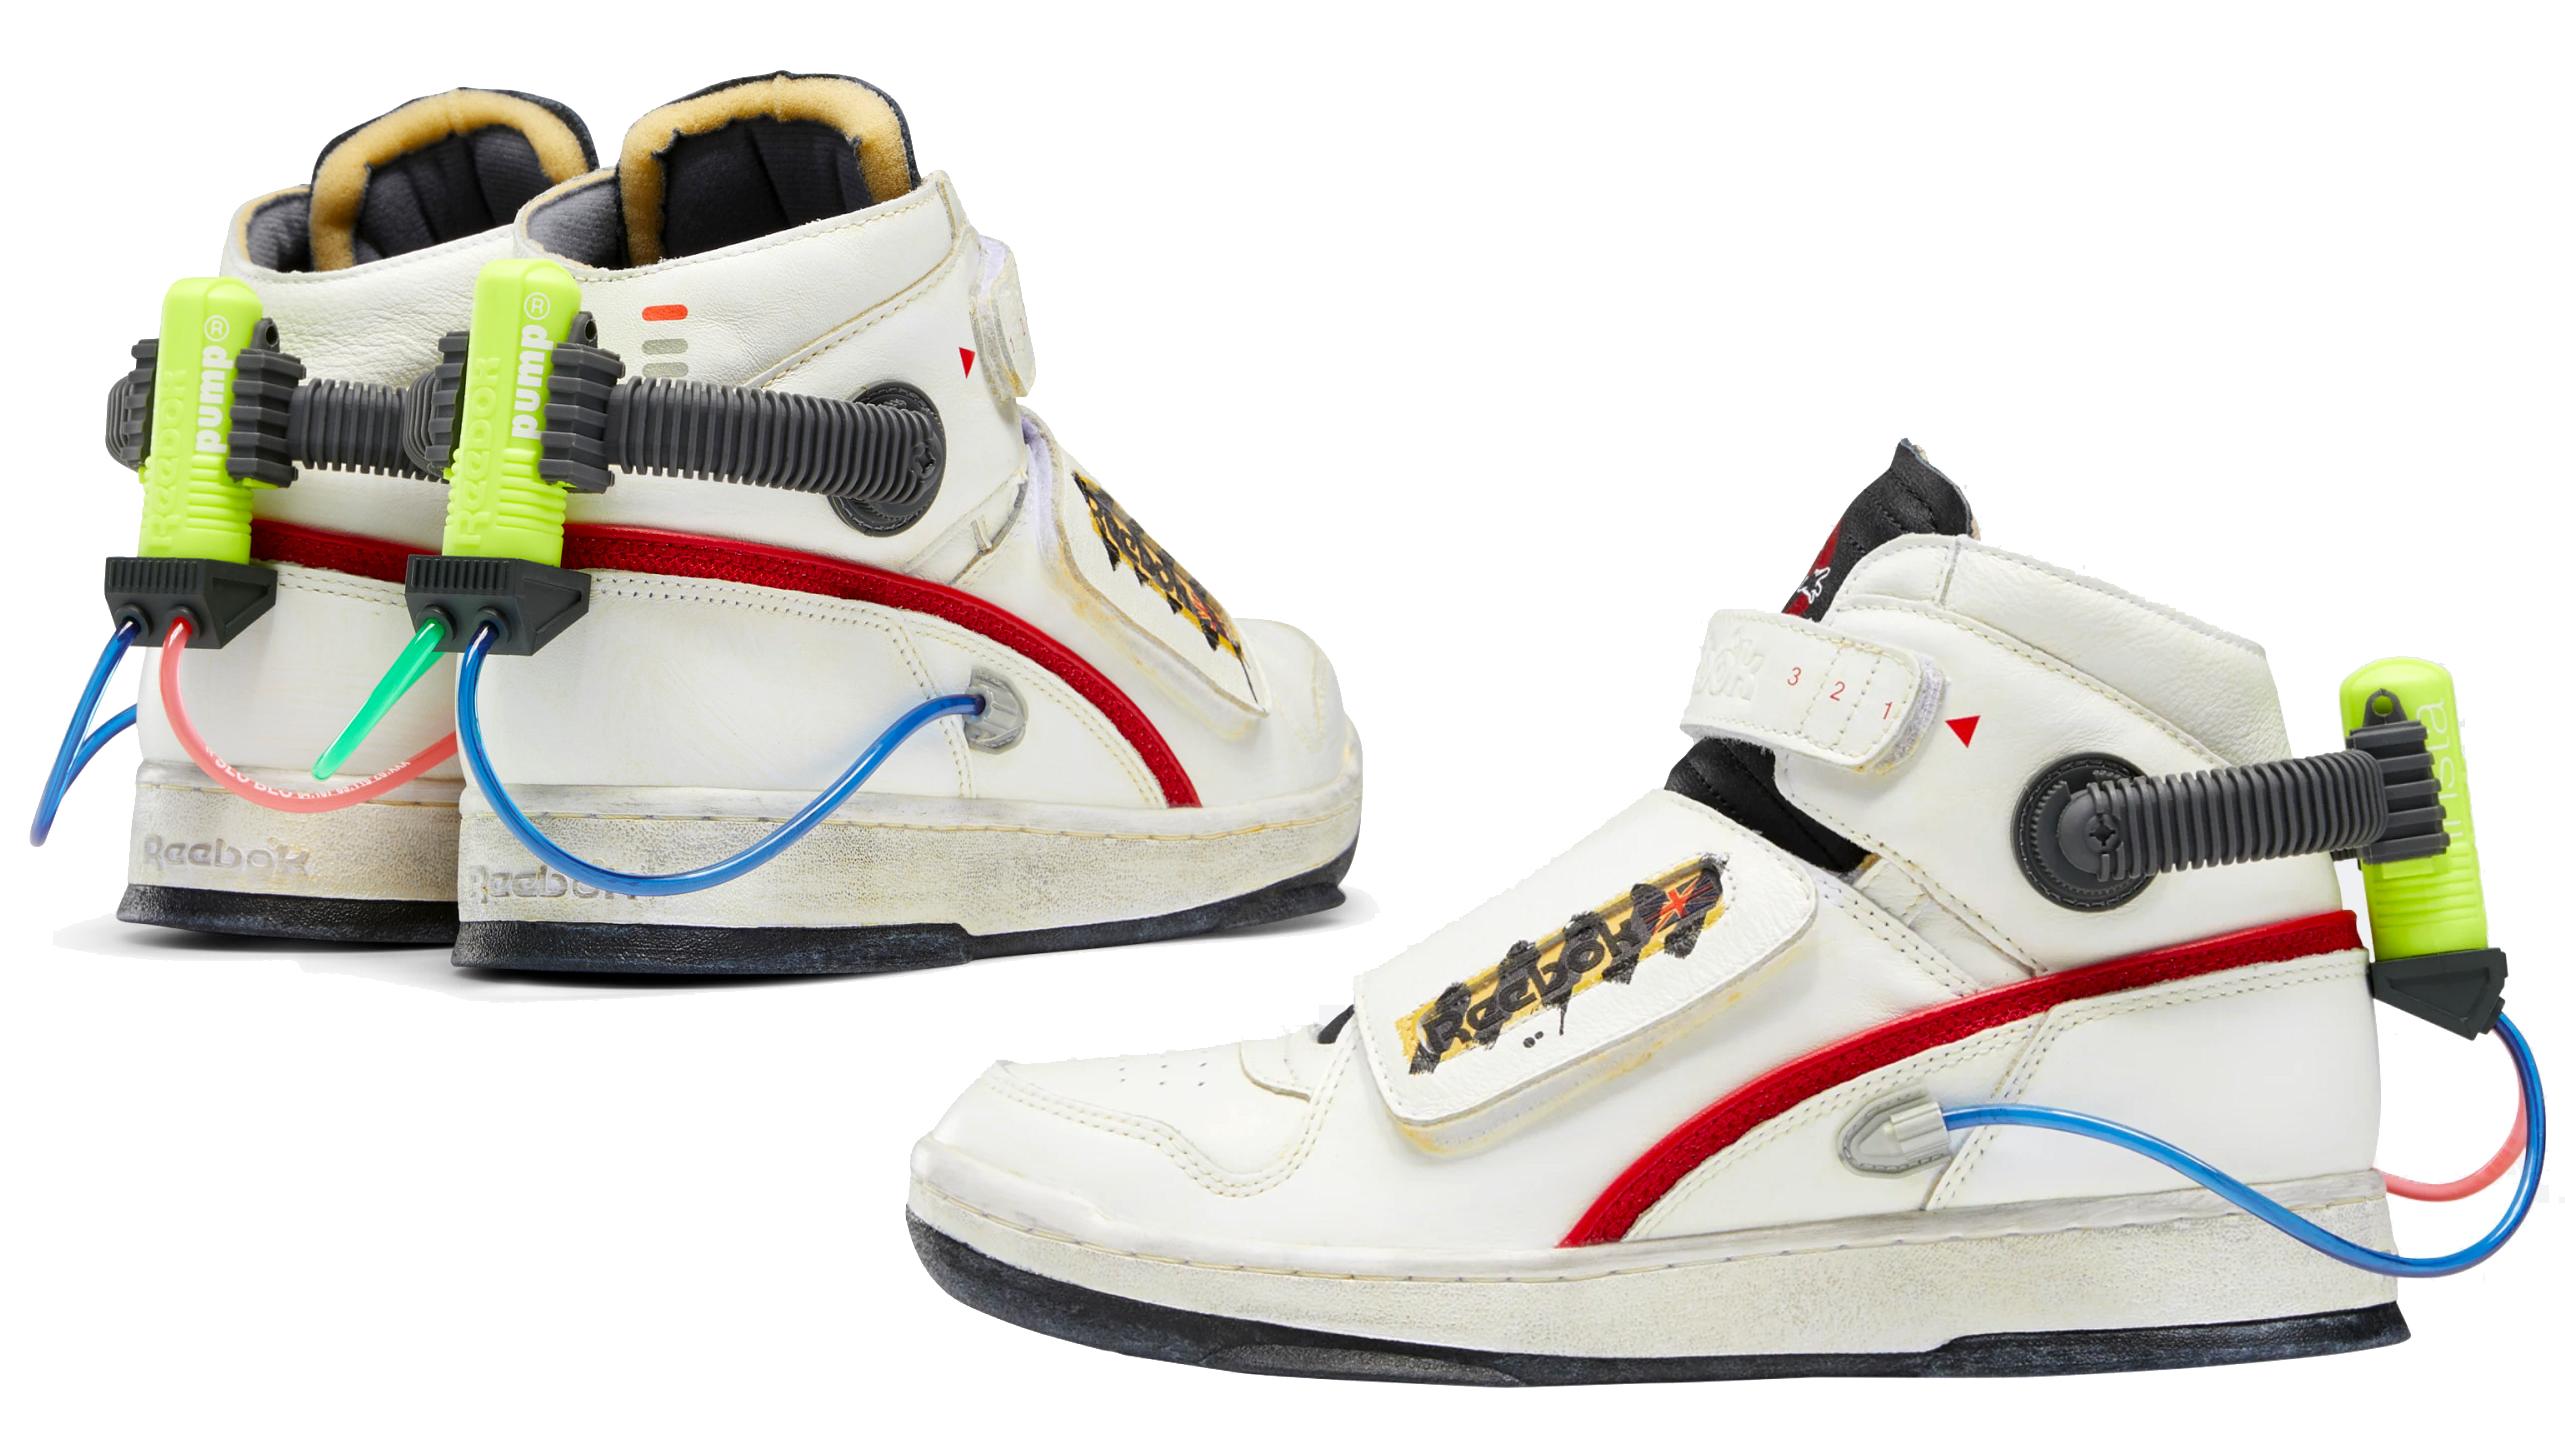 reebok x ghostbusters, sneakers, week 43